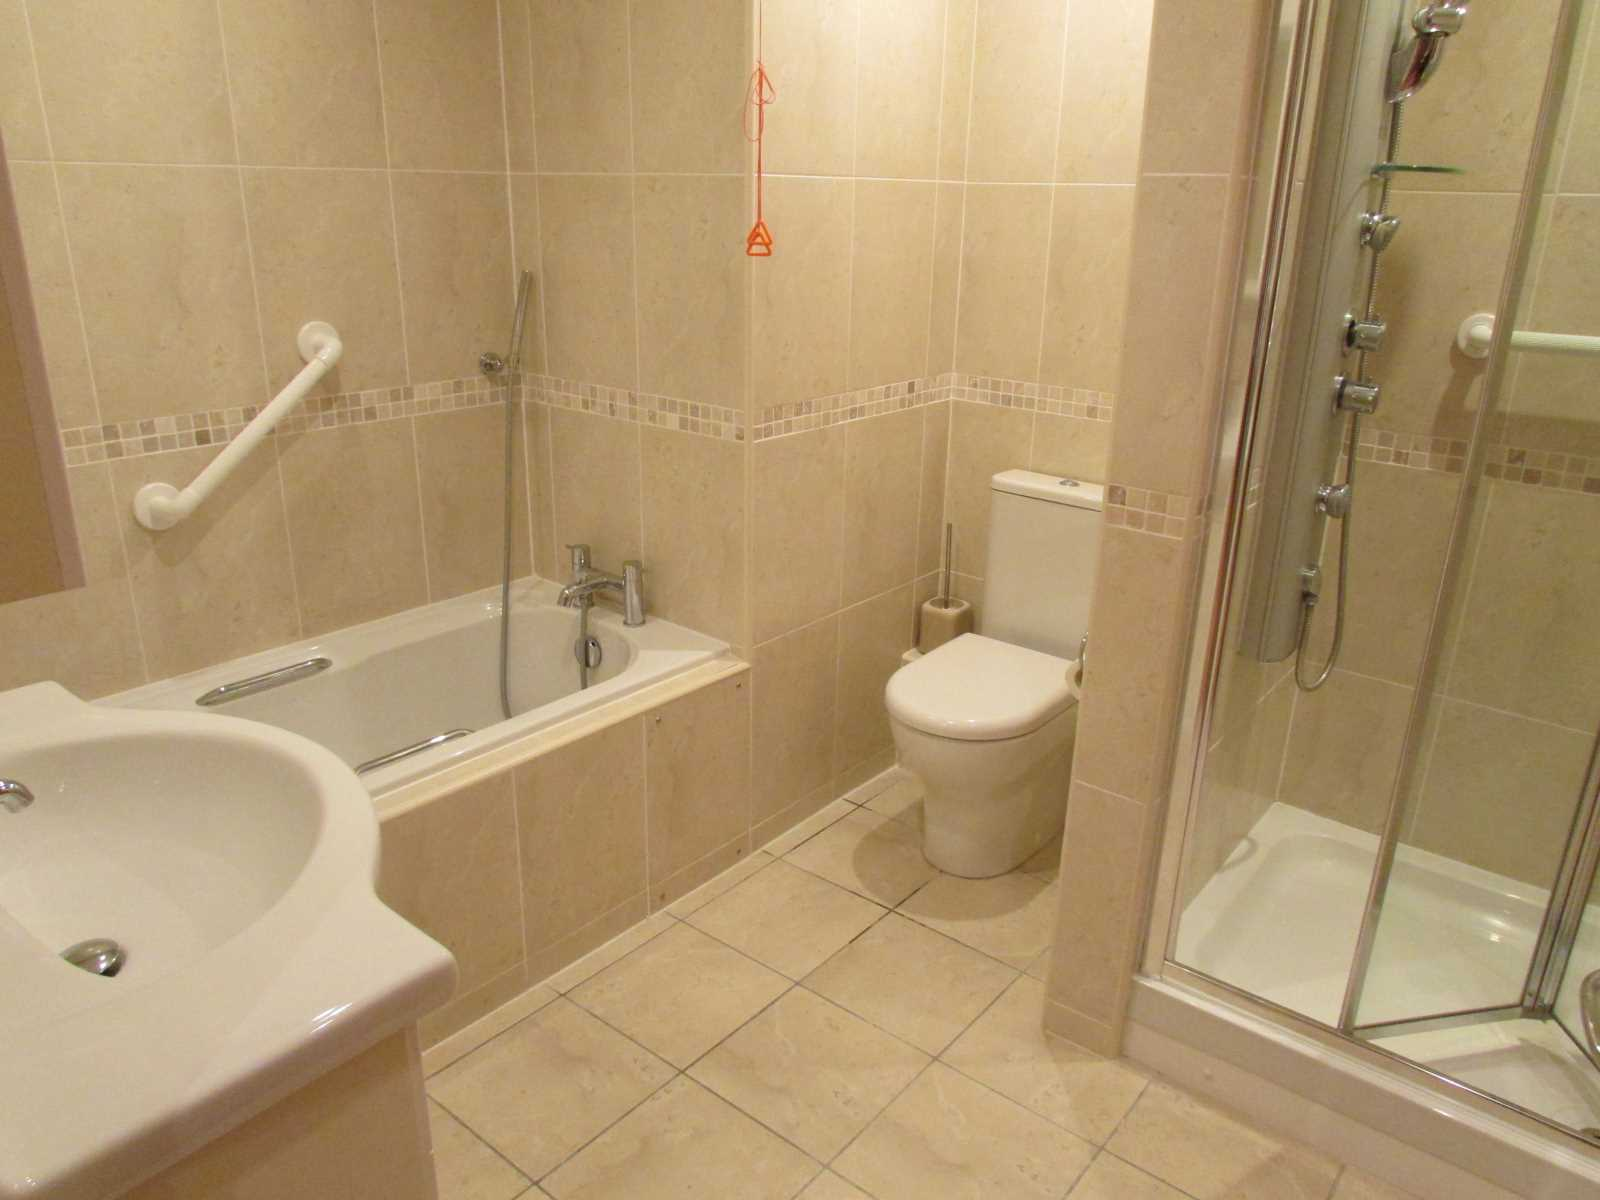 Apartment 7, Holme Valley Court, Holmfirth, HD9 3TQ